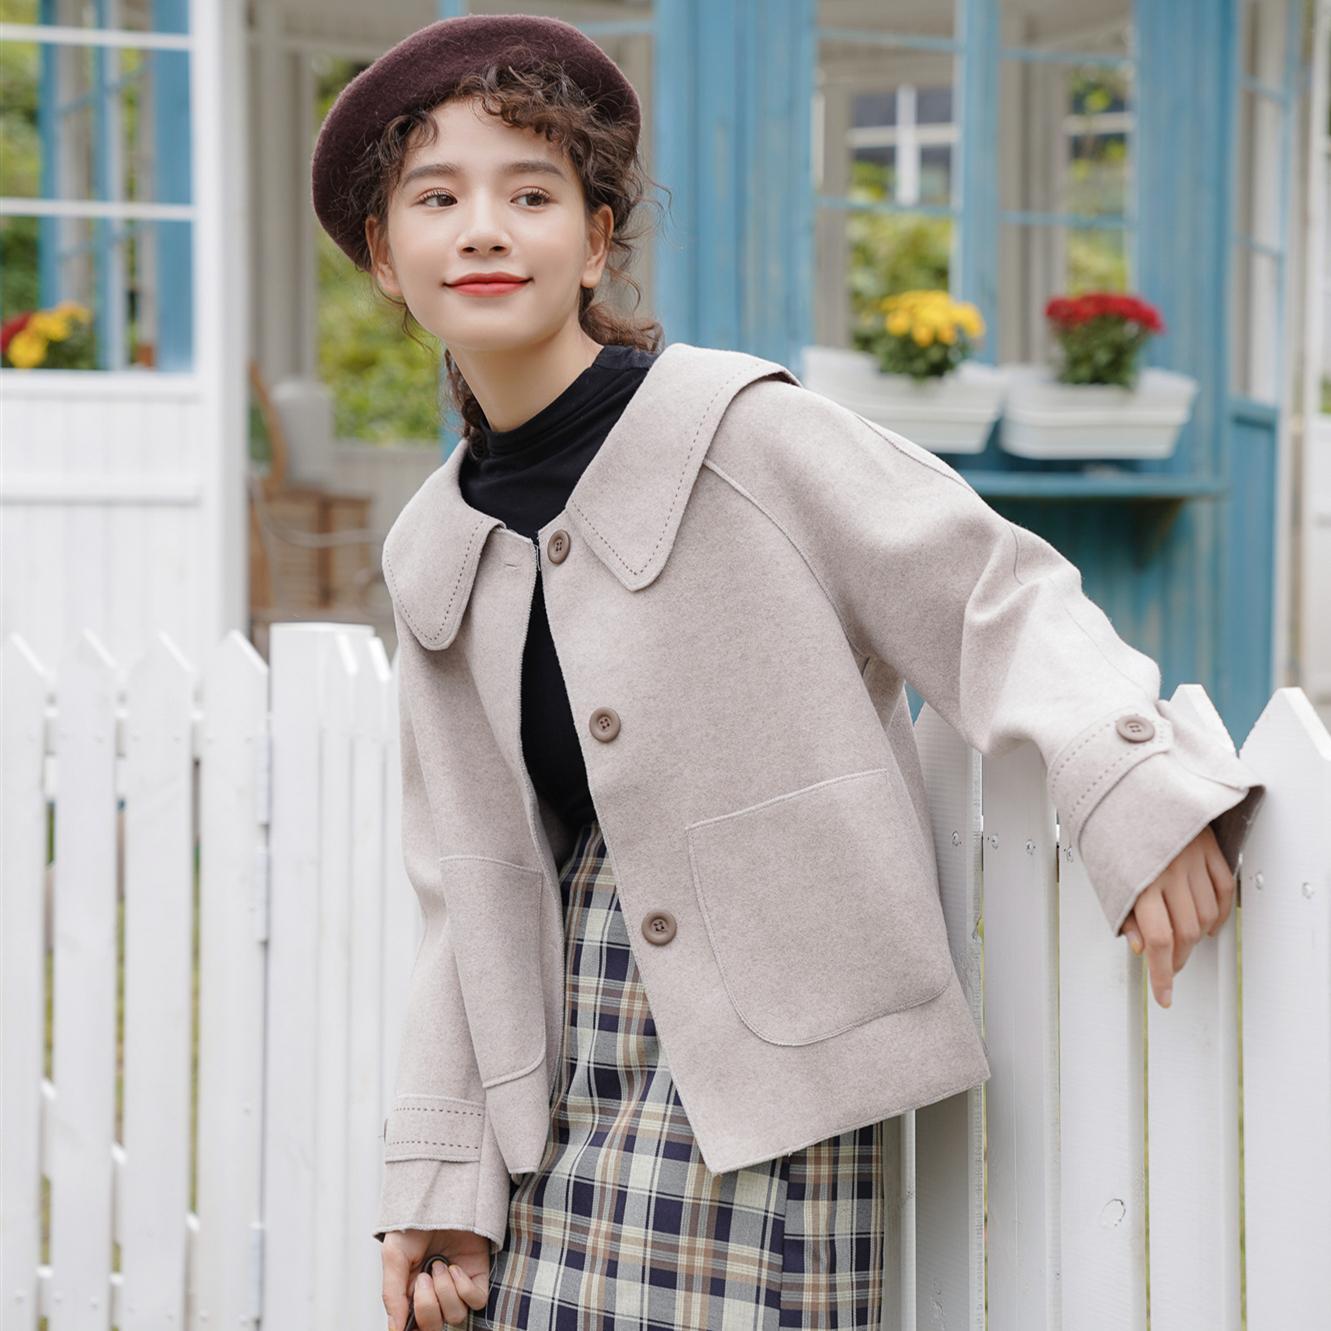 毛呢外套女洋气小个子显瘦甜美日系娃娃领小清新呢子气质短款大衣图片